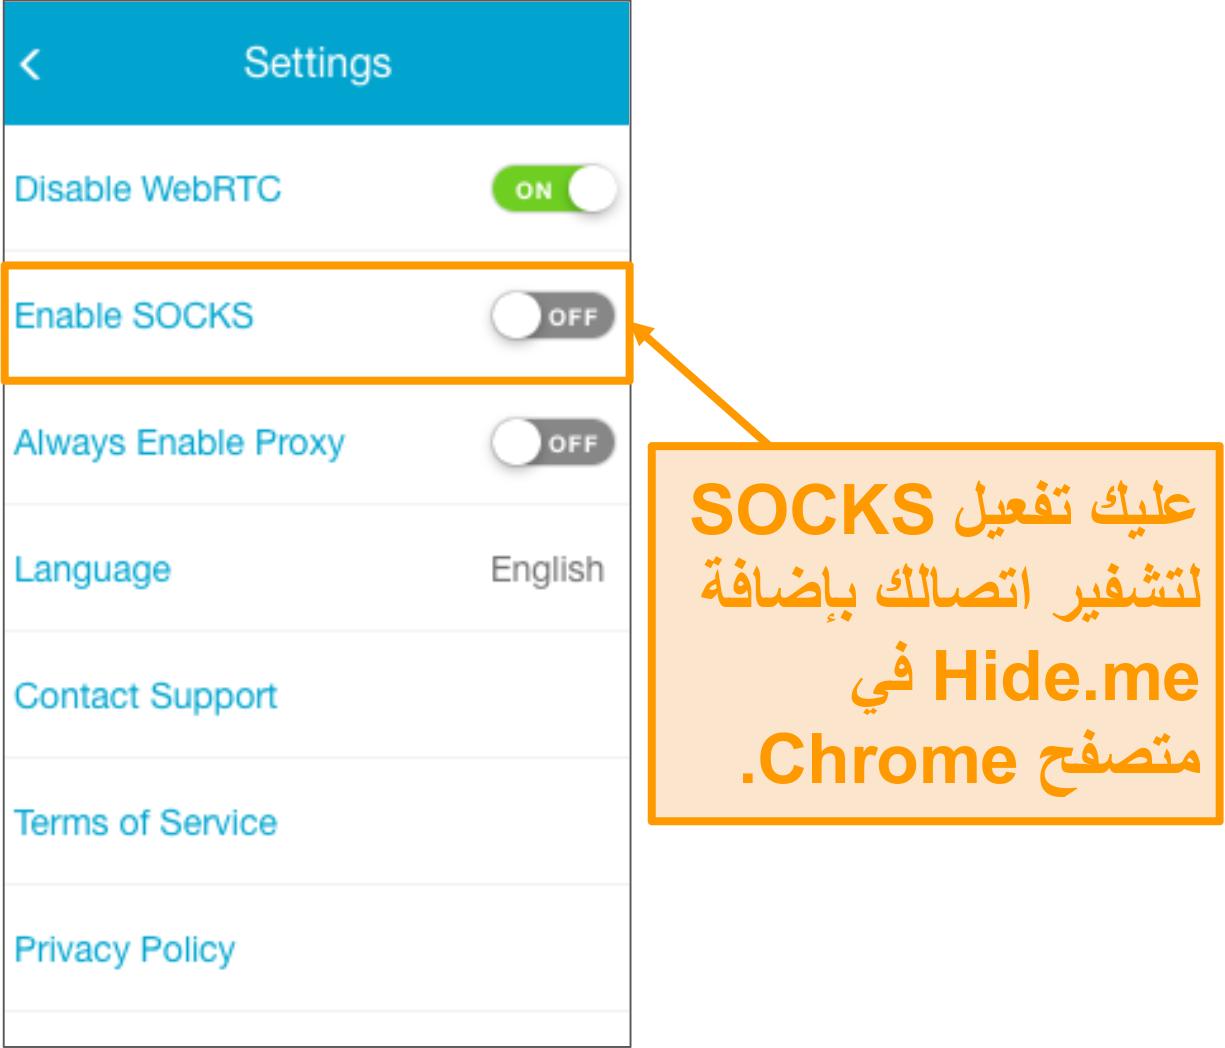 لقطة شاشة لإعدادات امتداد متصفح Hide.me.